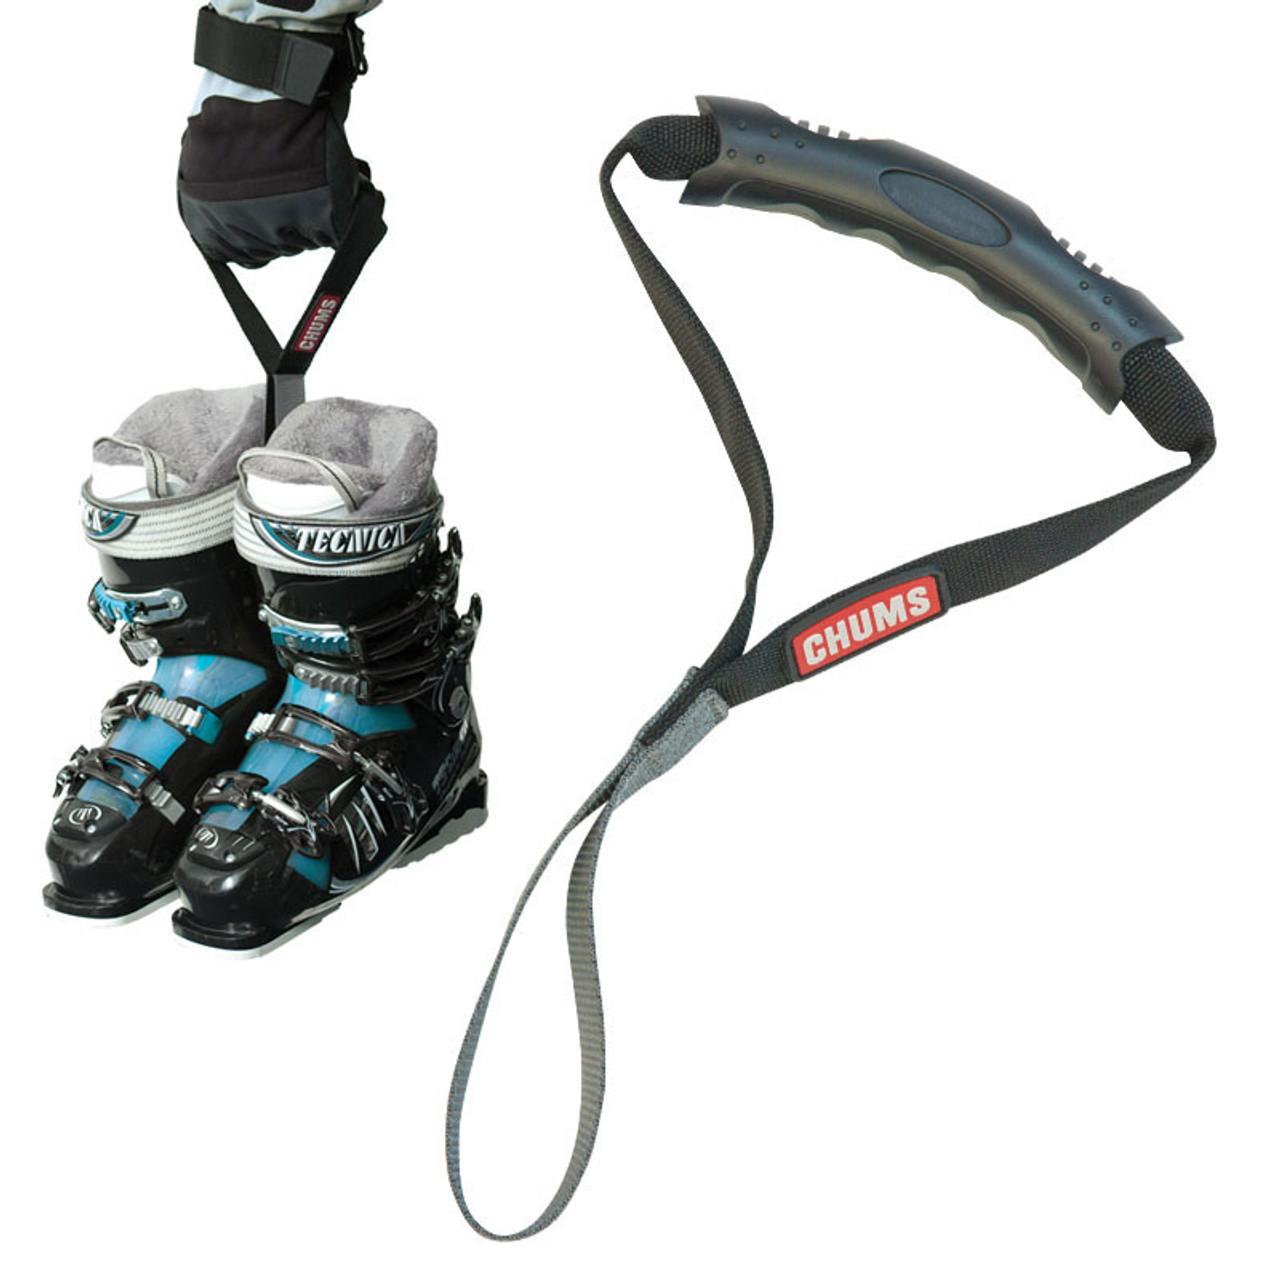 Roller Skates, Skateboards & Scooters The Cheapest Price High Quality Adjustable Skiing Pole Shoulder Carrier Handle Strap Bag Ski Snowboard Handbag To Ensure Smooth Transmission Skate Board